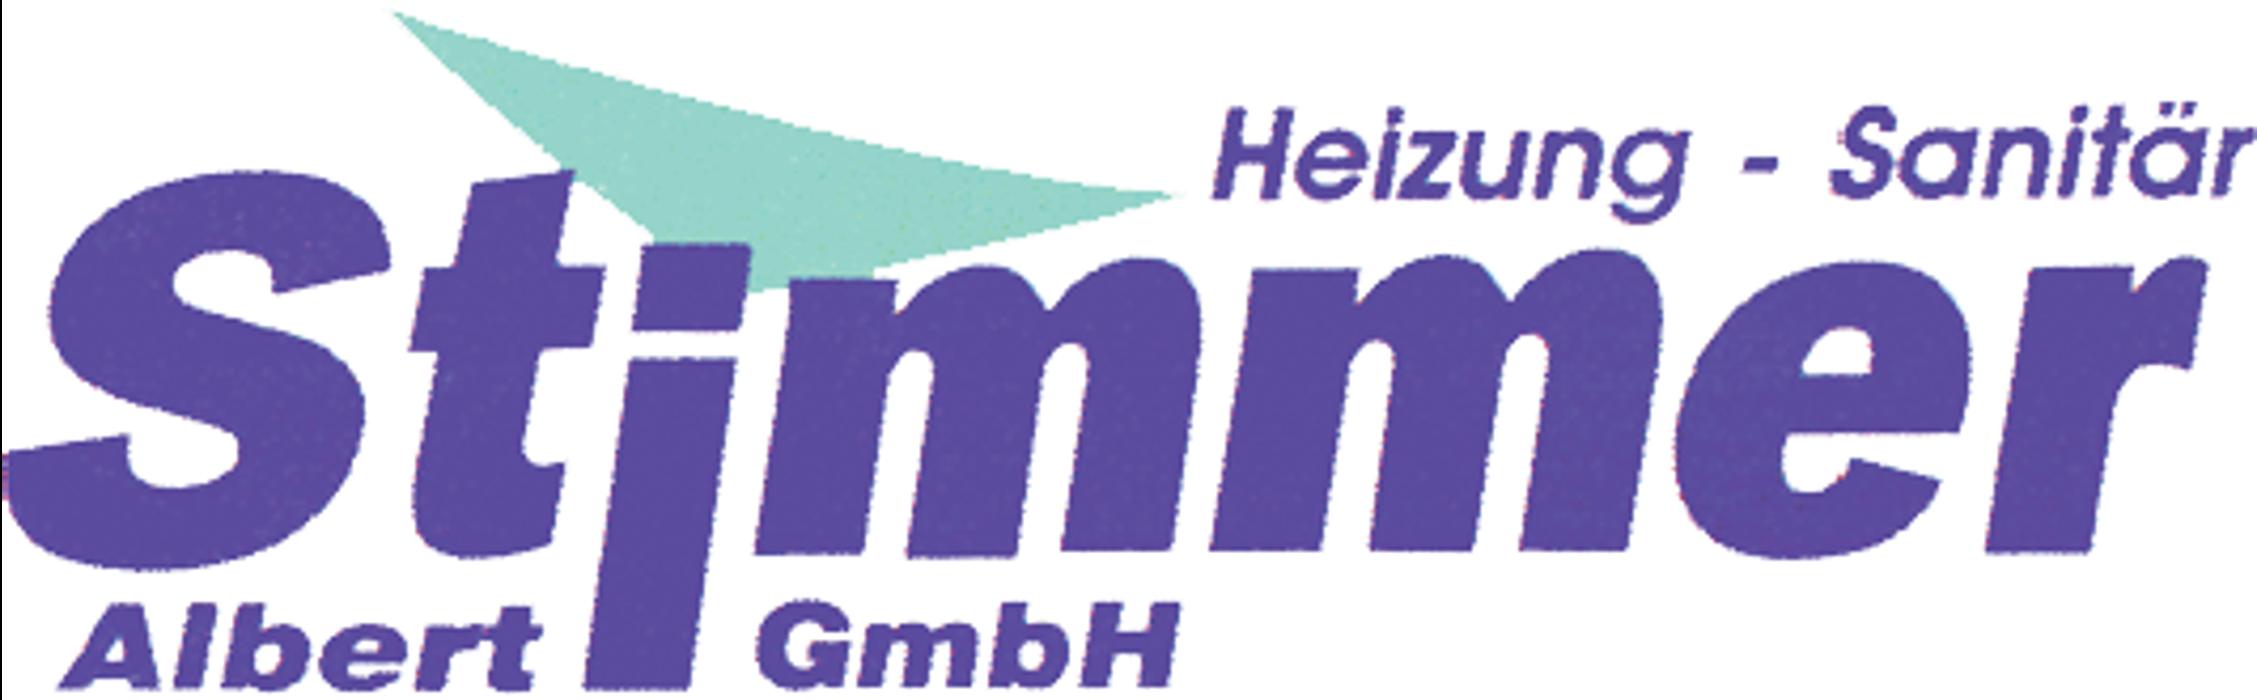 Bild zu Albert Stimmer GmbH Heizung - Sanitär in Taufkirchen an der Vils